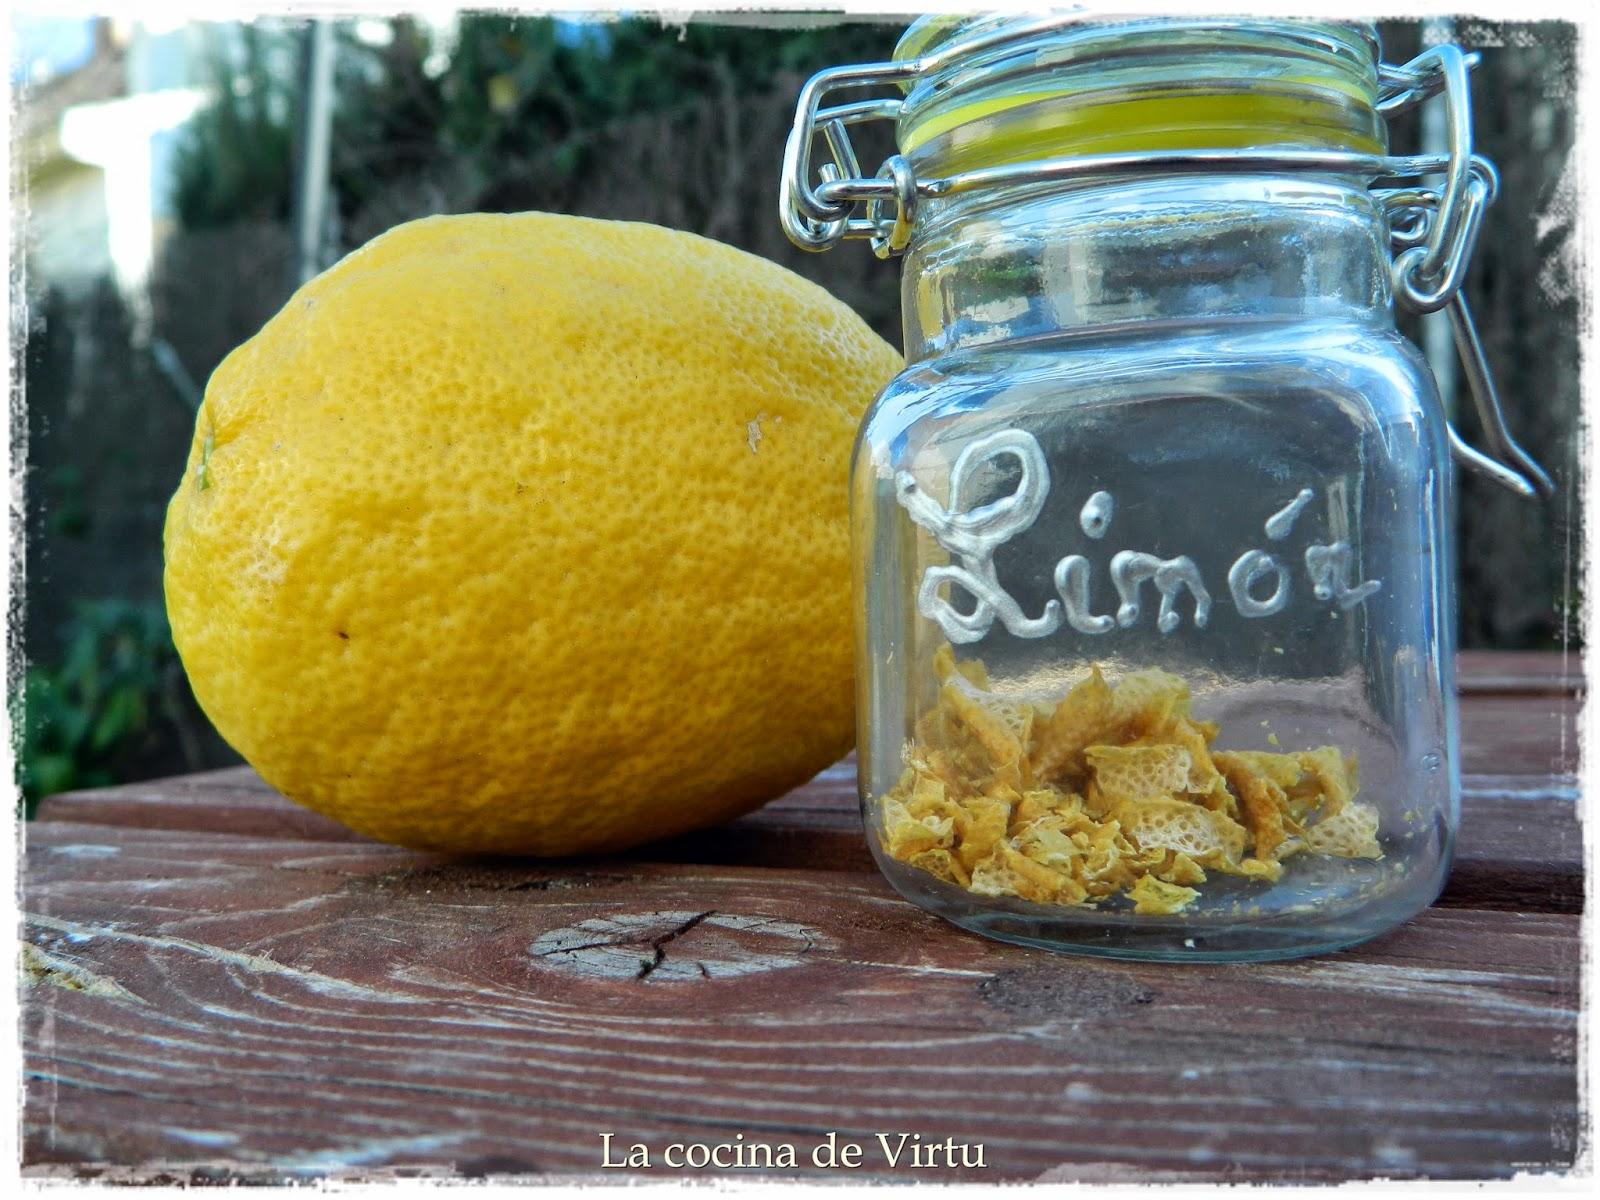 La cocina de virtu reciclar c scara de lim n - Cascara de limon ...